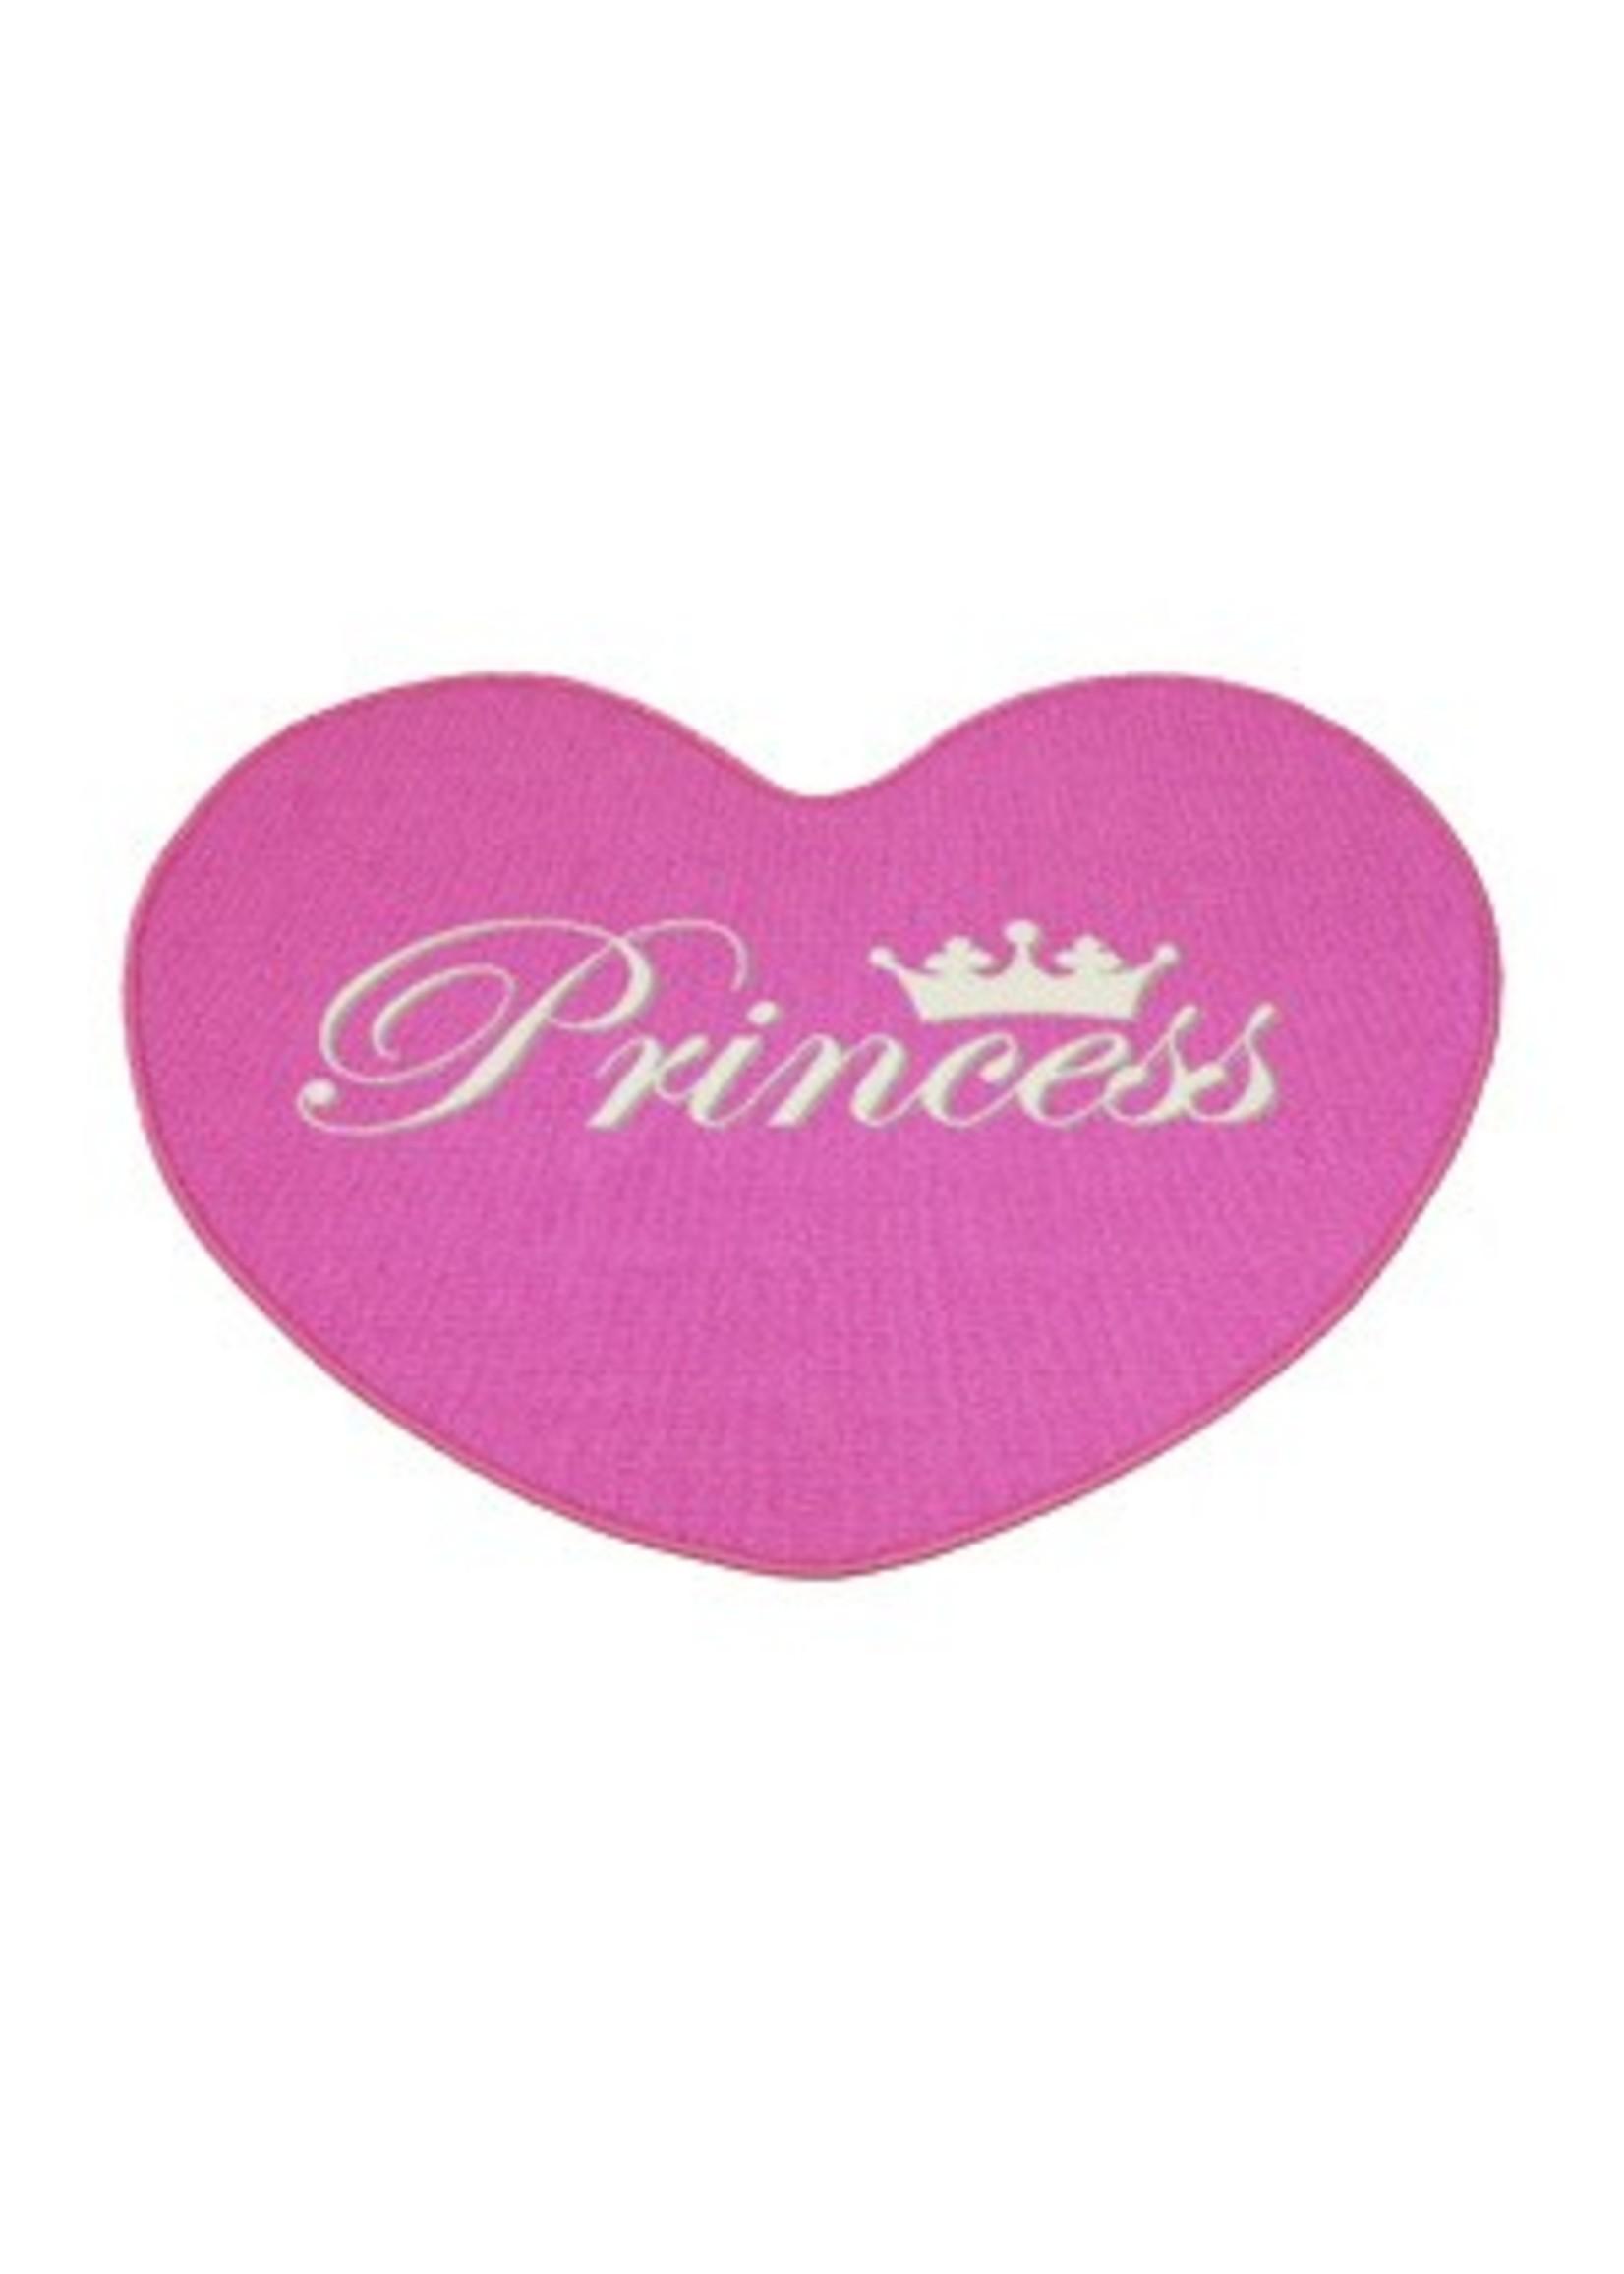 PRINCESS MAT 5055285317836